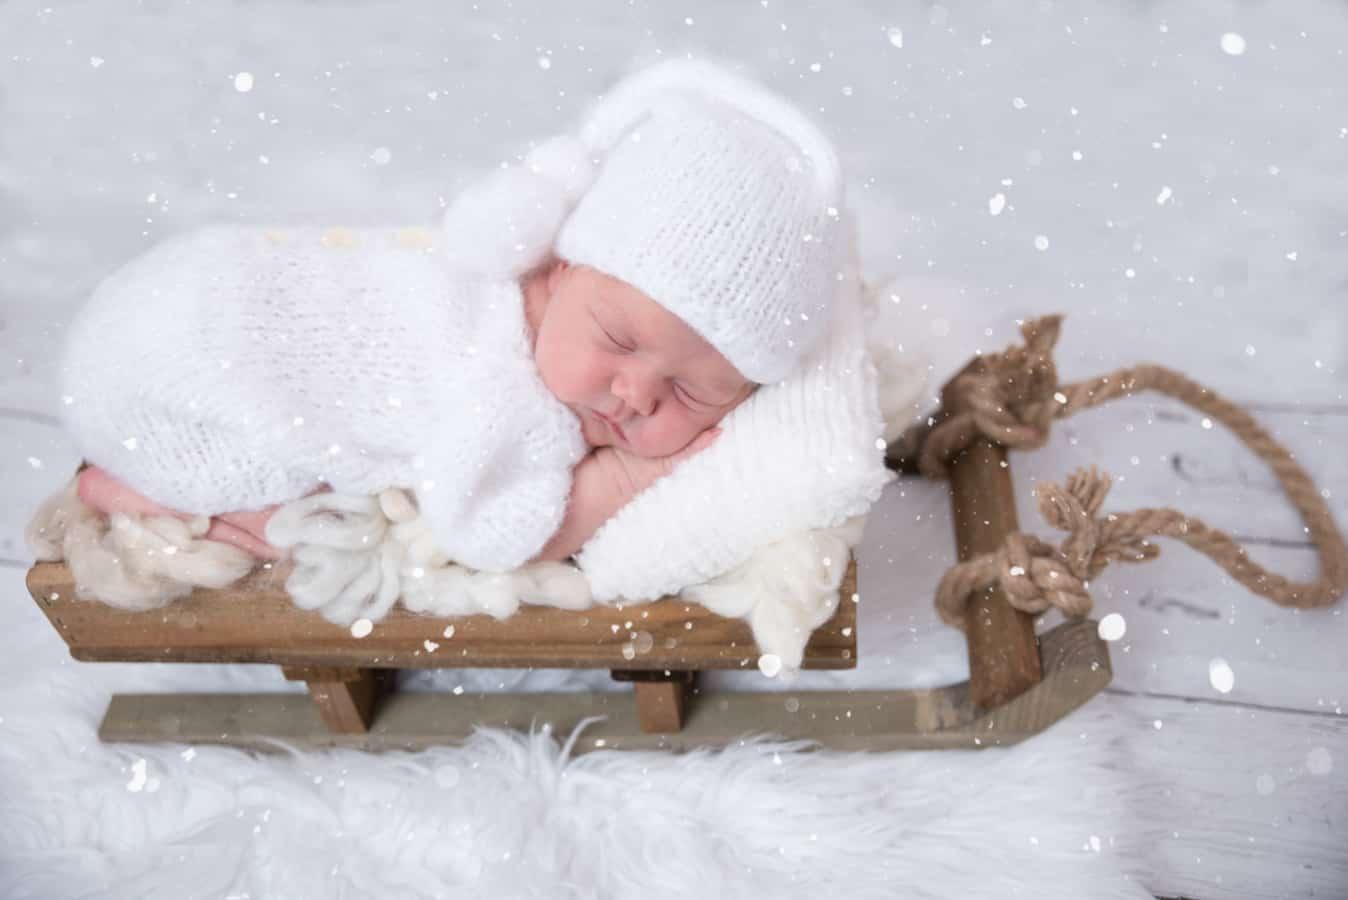 طراحی تم زمستان آتلیه عکاسی